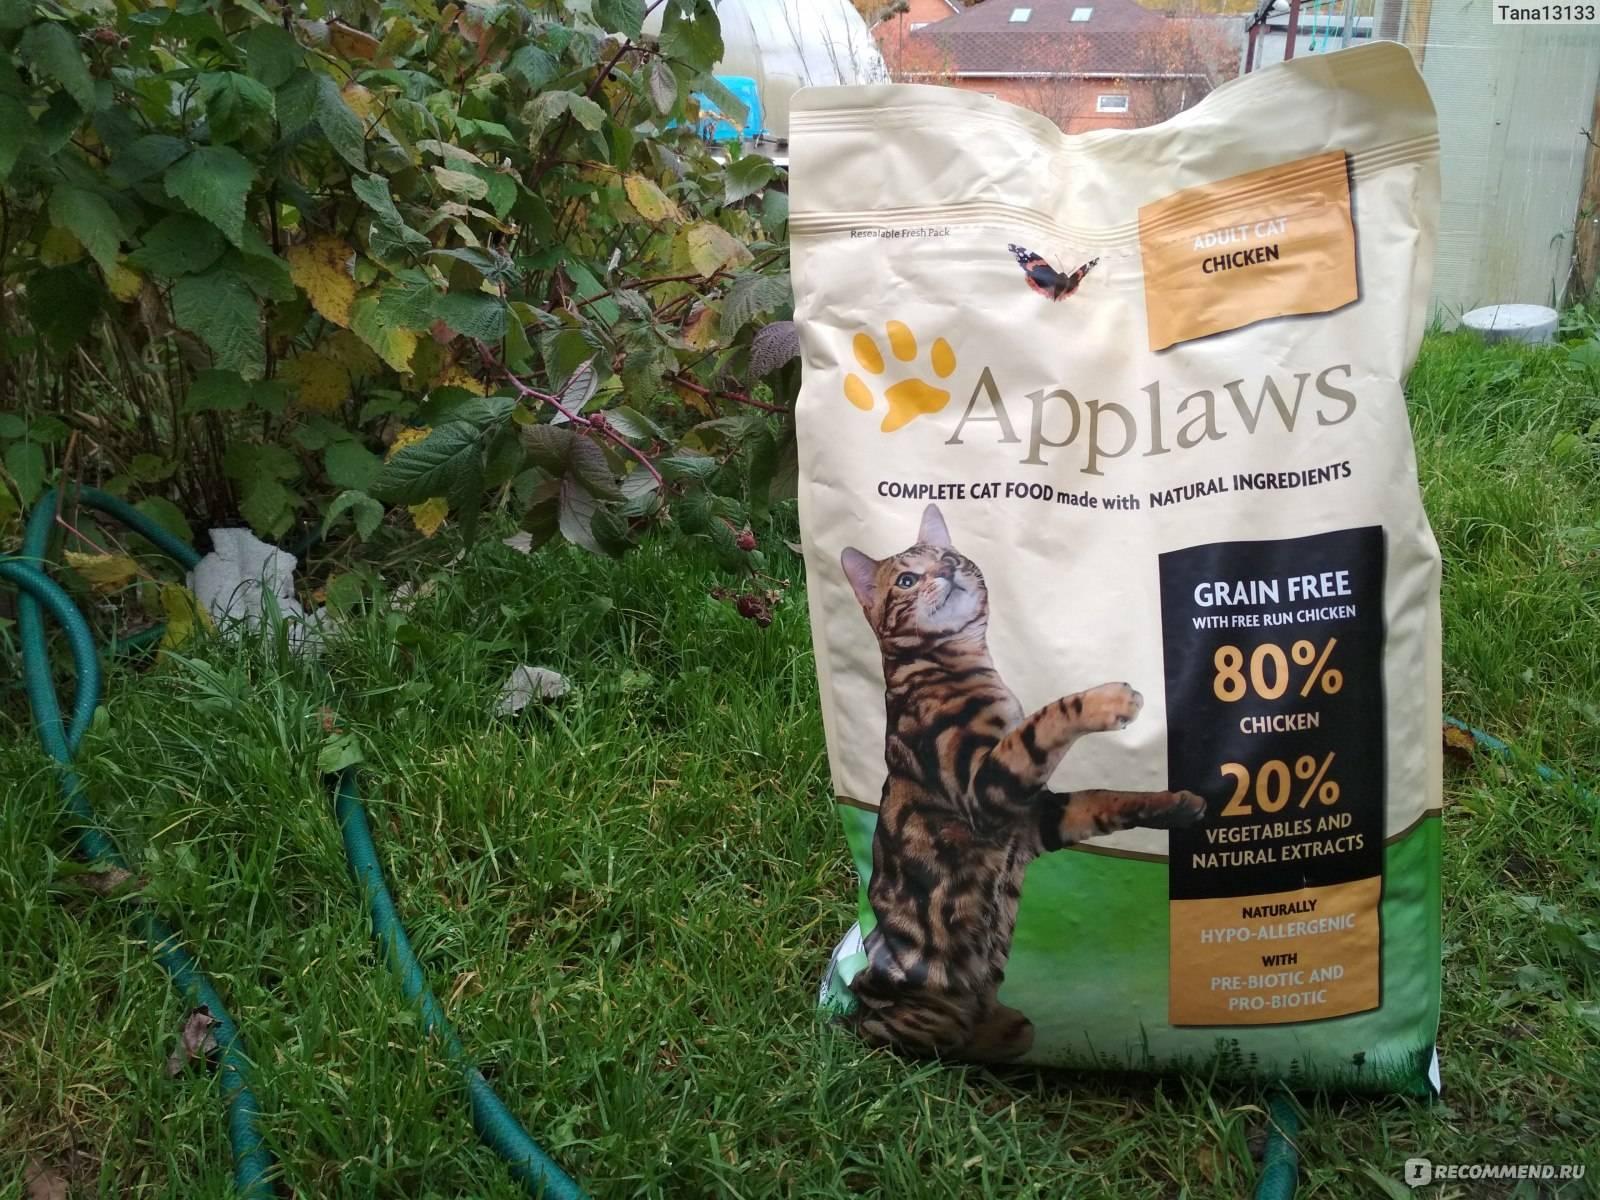 Холистик корм для кошек: рейтинг и отзывы о лучших кормах